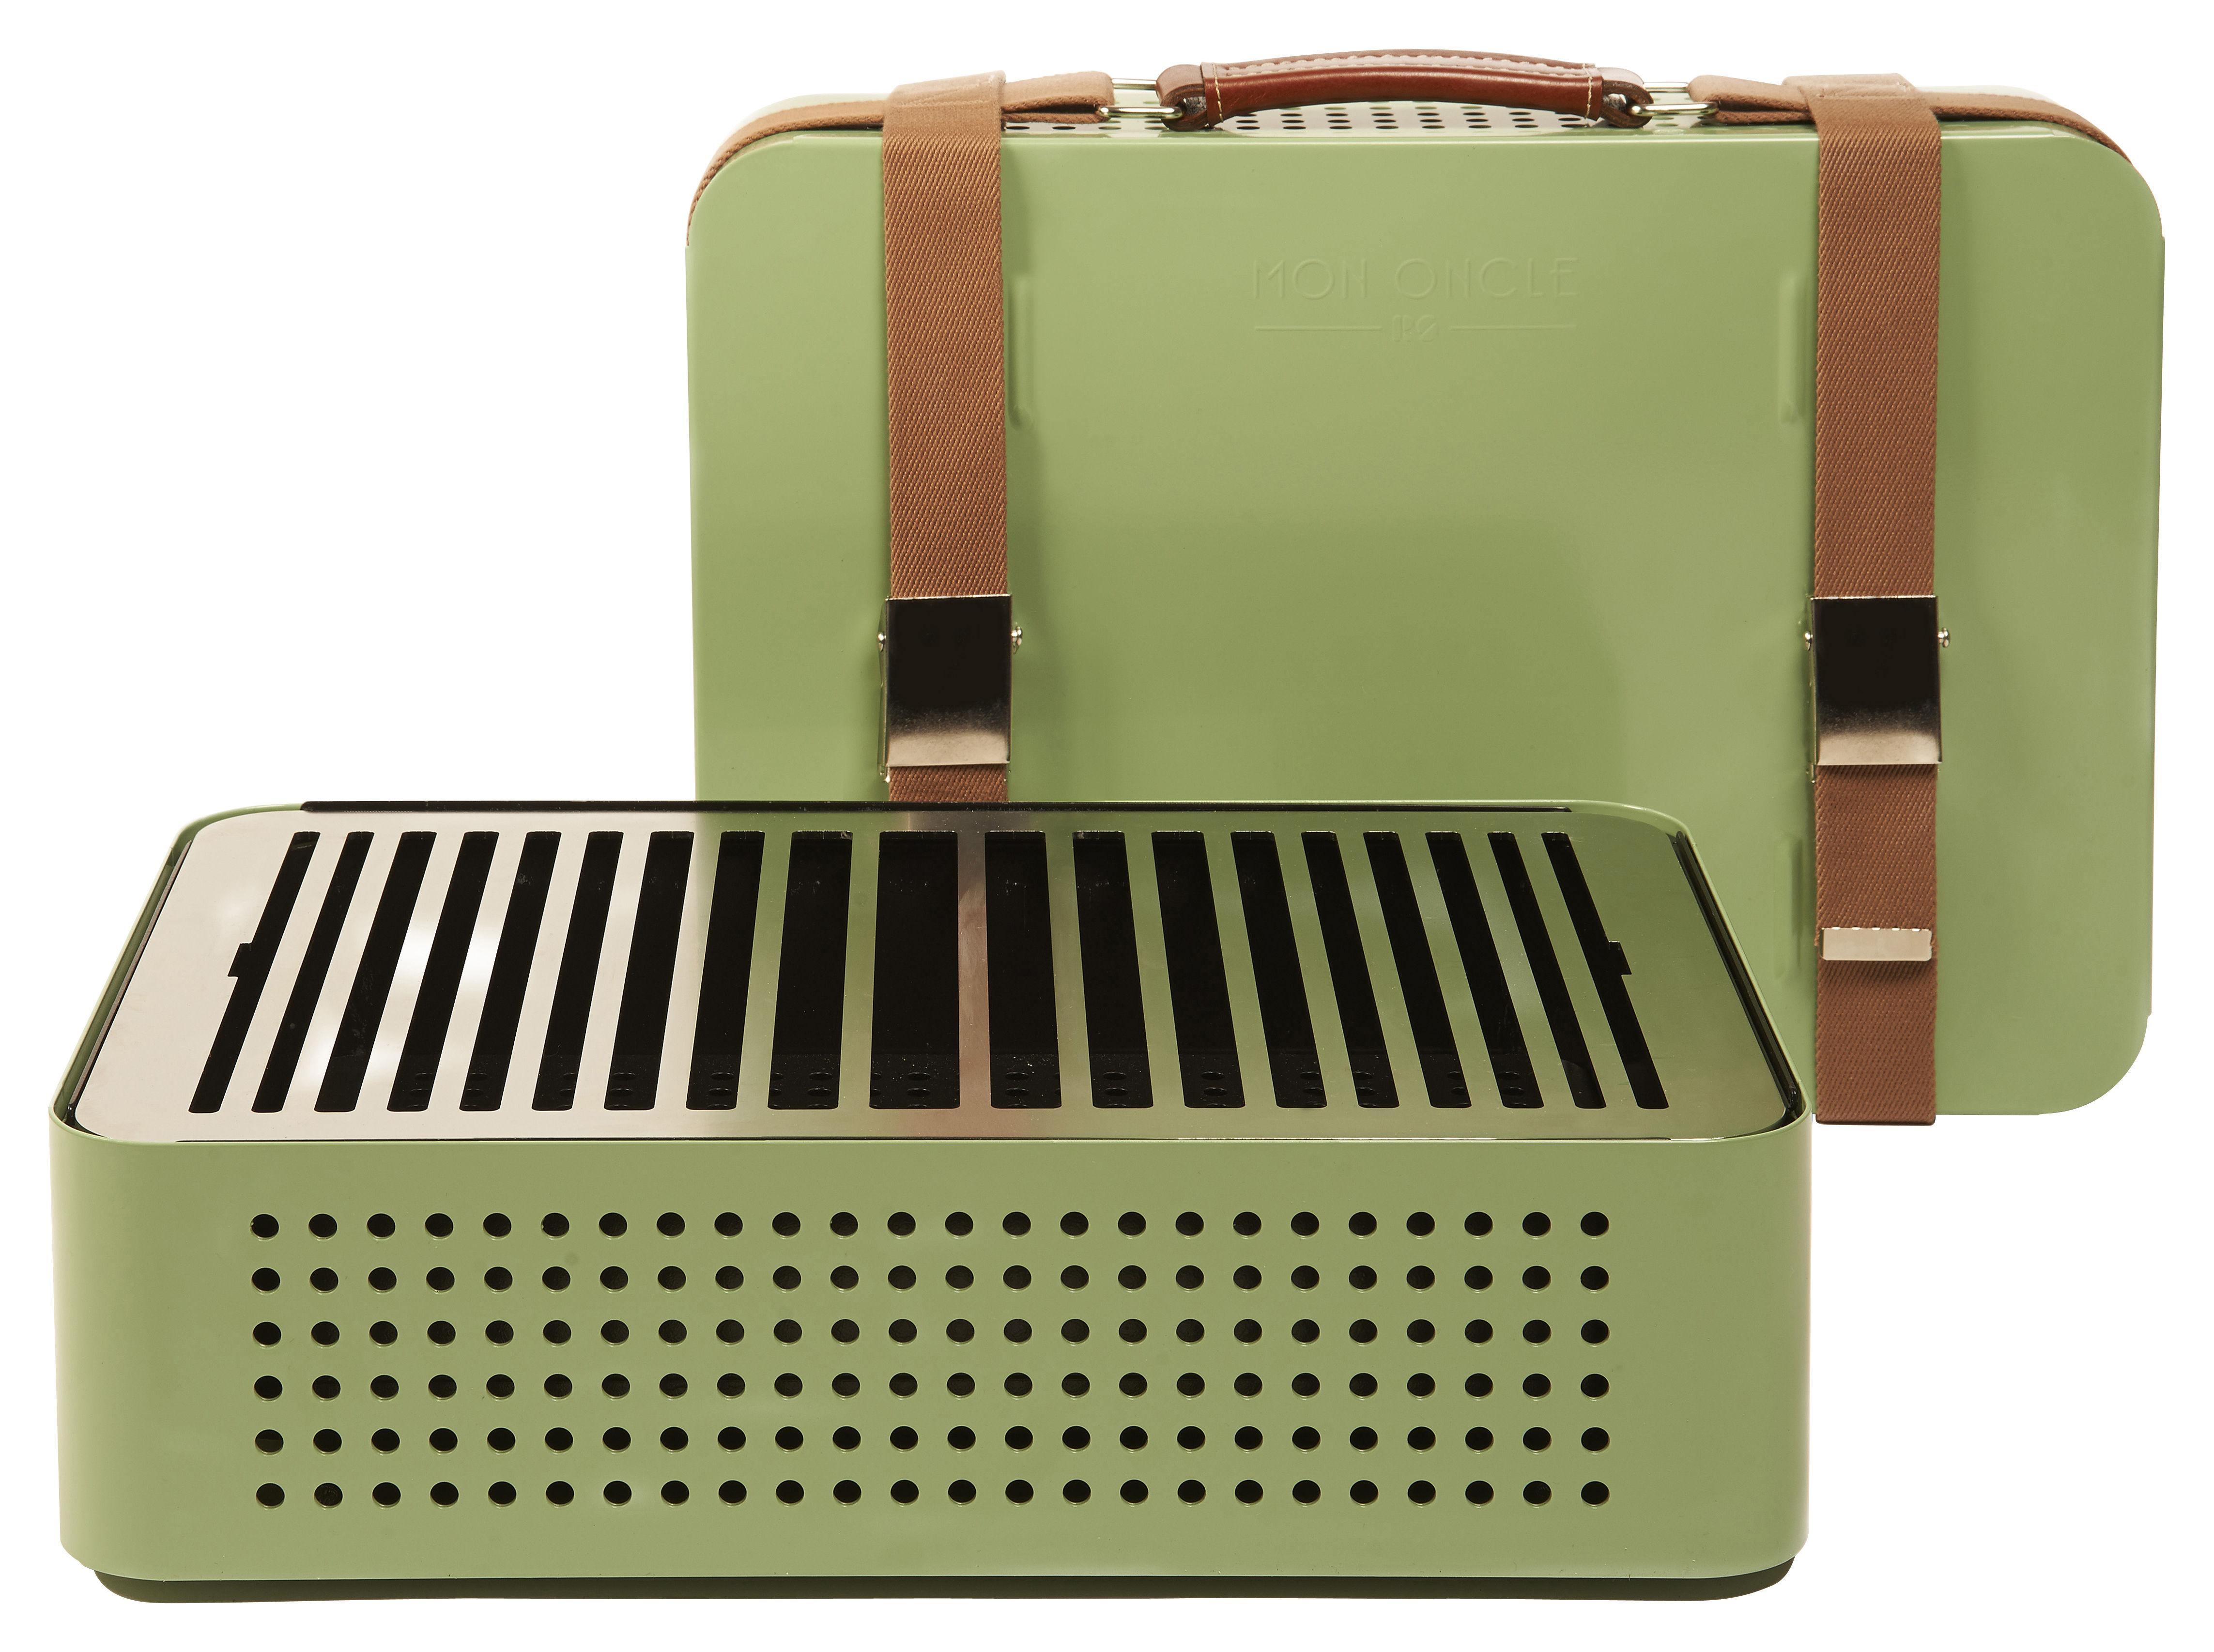 Outdoor - Barbecue - Barbecue portatile a carbone Mon Oncle - / Portatile - 44 x 32 cm di RS BARCELONA - Verde - Acciaio inossidabile verniciato, Pelle, Tessuto